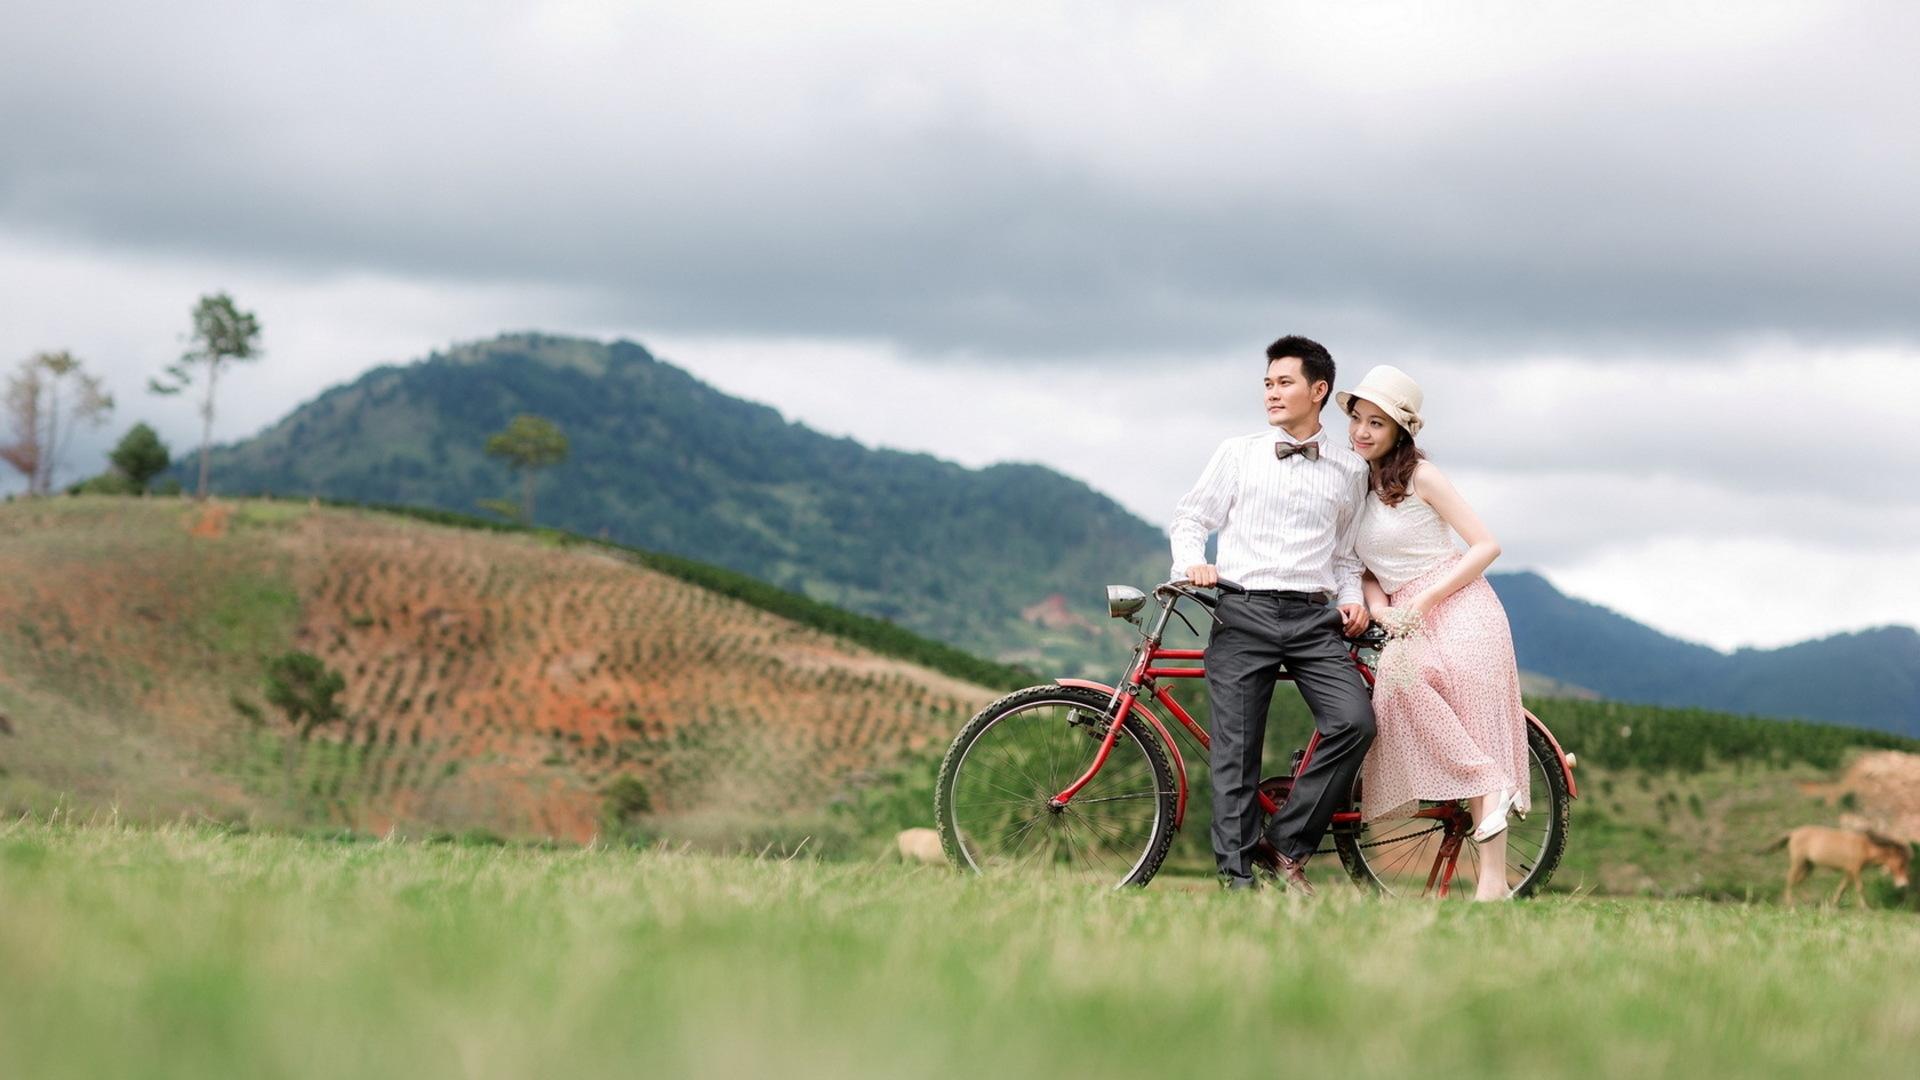 однокурсницы, фотосессия на велосипеде пара уже четыре года